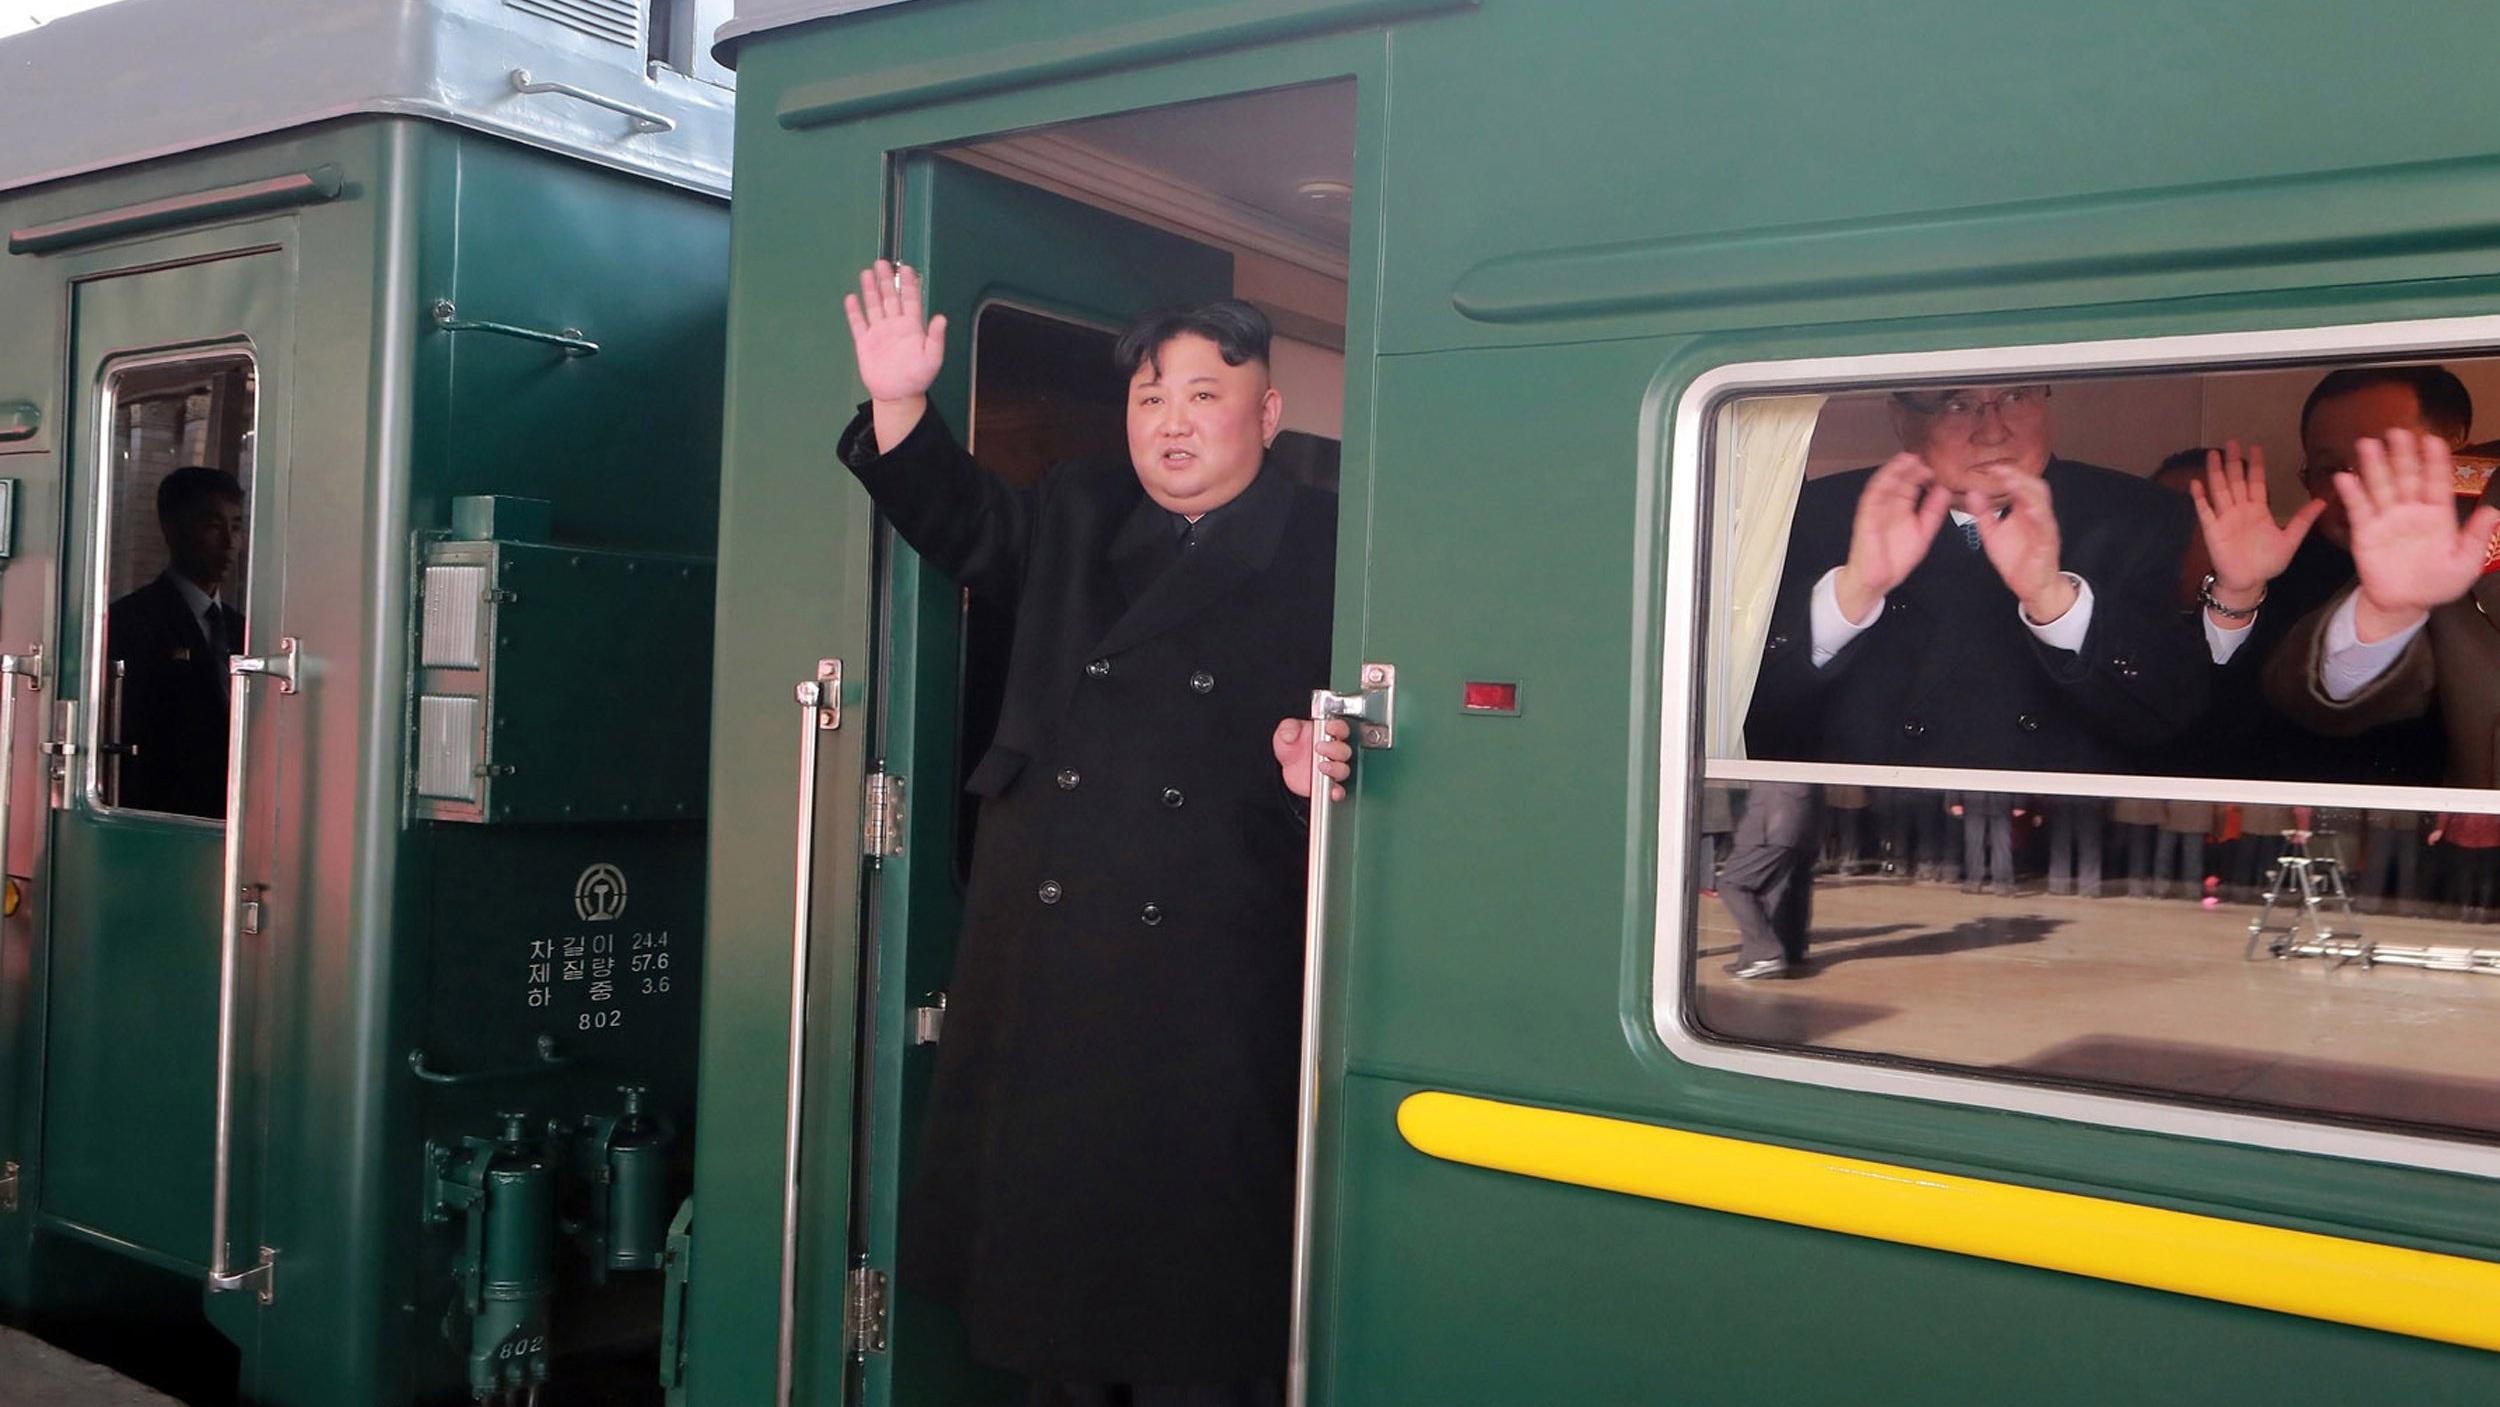 (تصاویر) حرکت رهبر کره شمالی با قطار زرهی از قلب چین